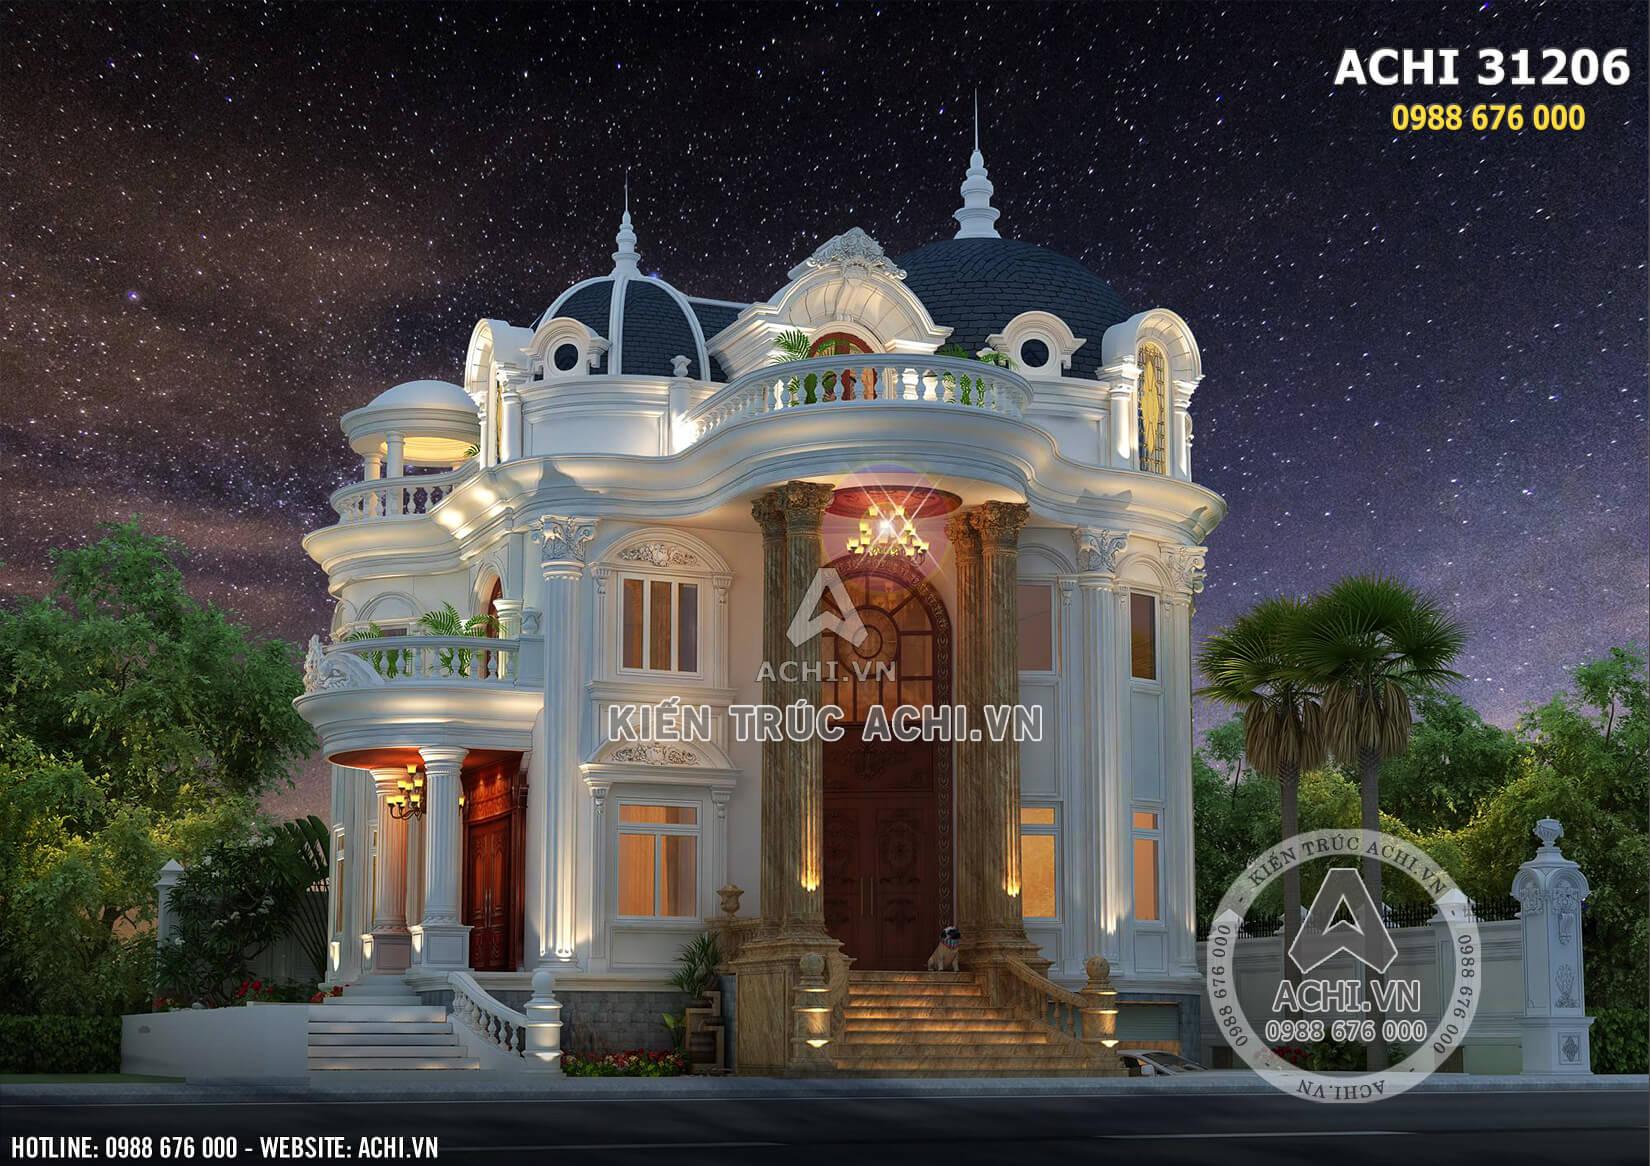 Mẫu thiết kế biệt thự tân cổ điển đẹp 3 tầng lộng lẫy về đêm